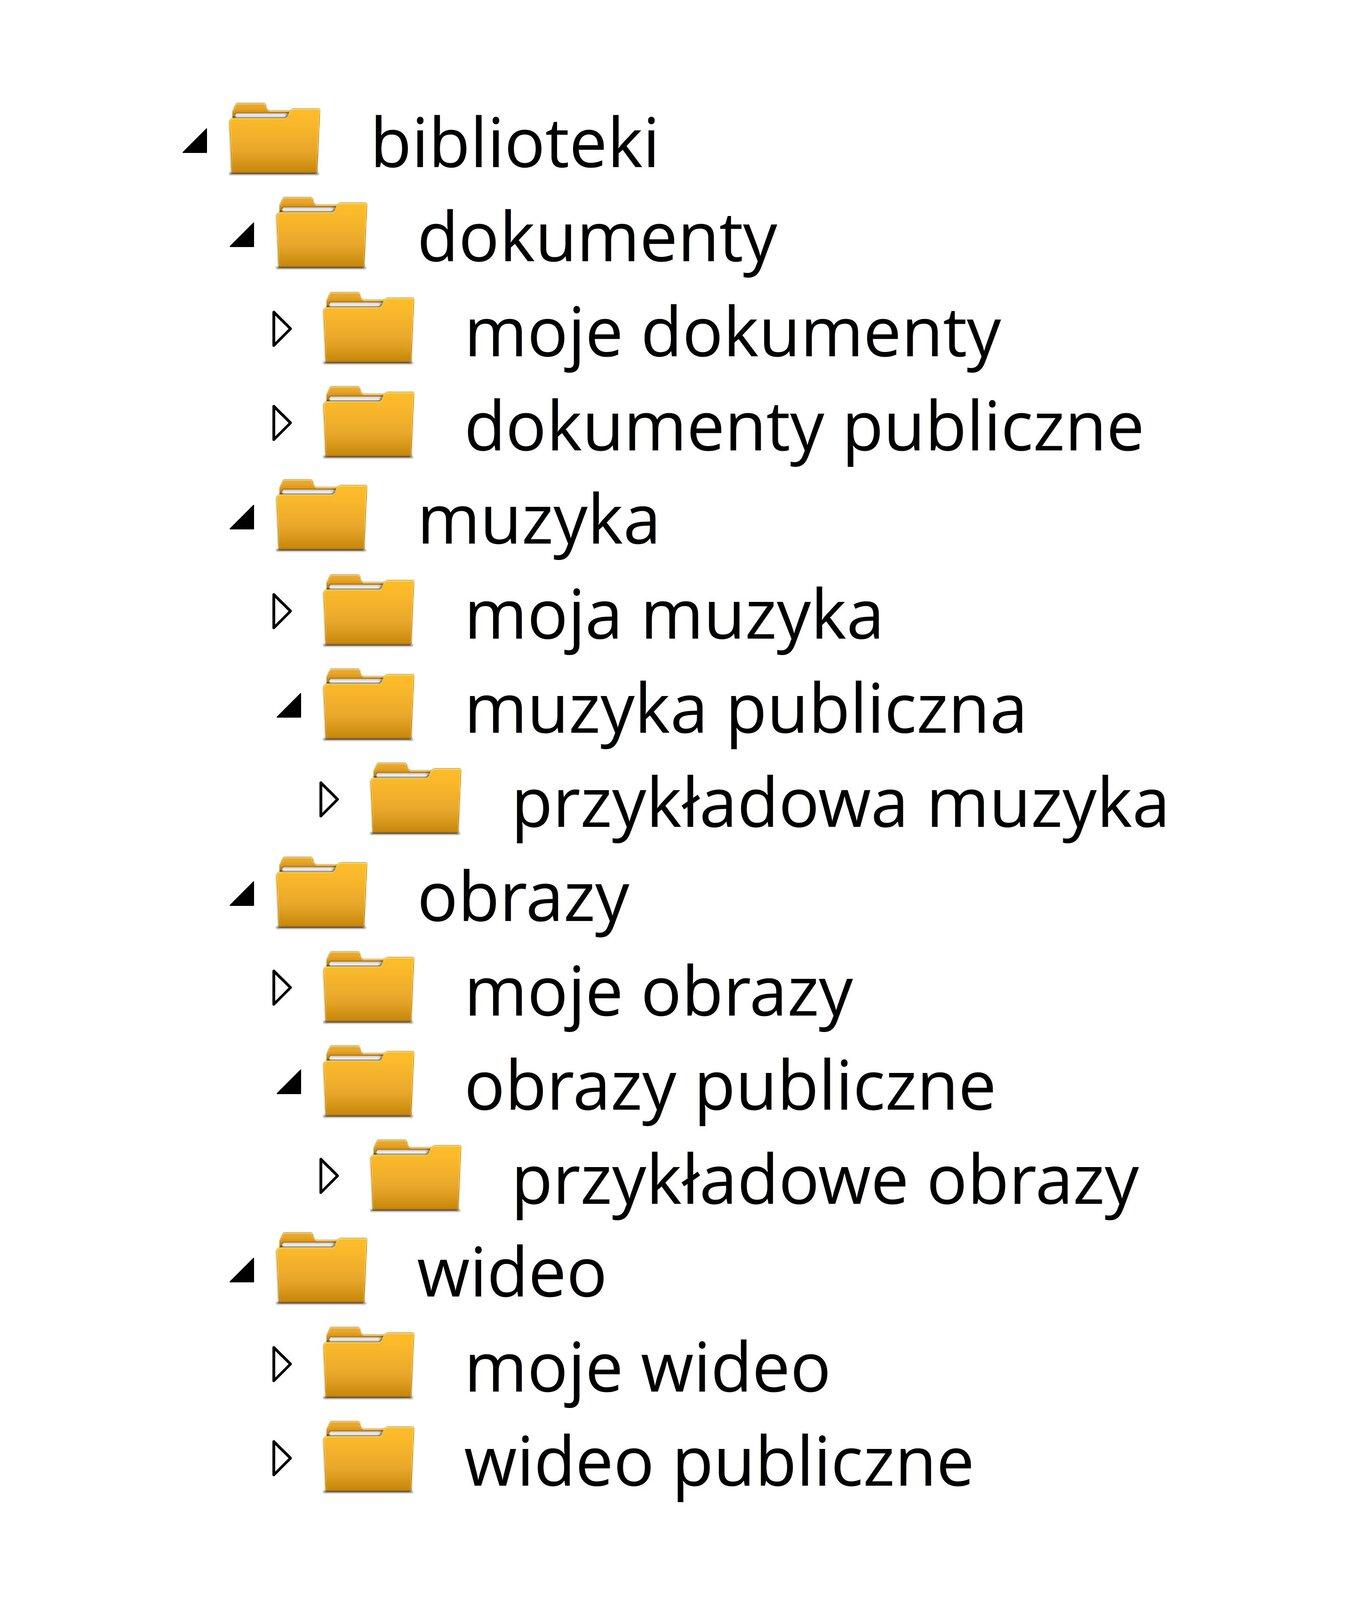 Zrzut przykładowego drzewa katalogów